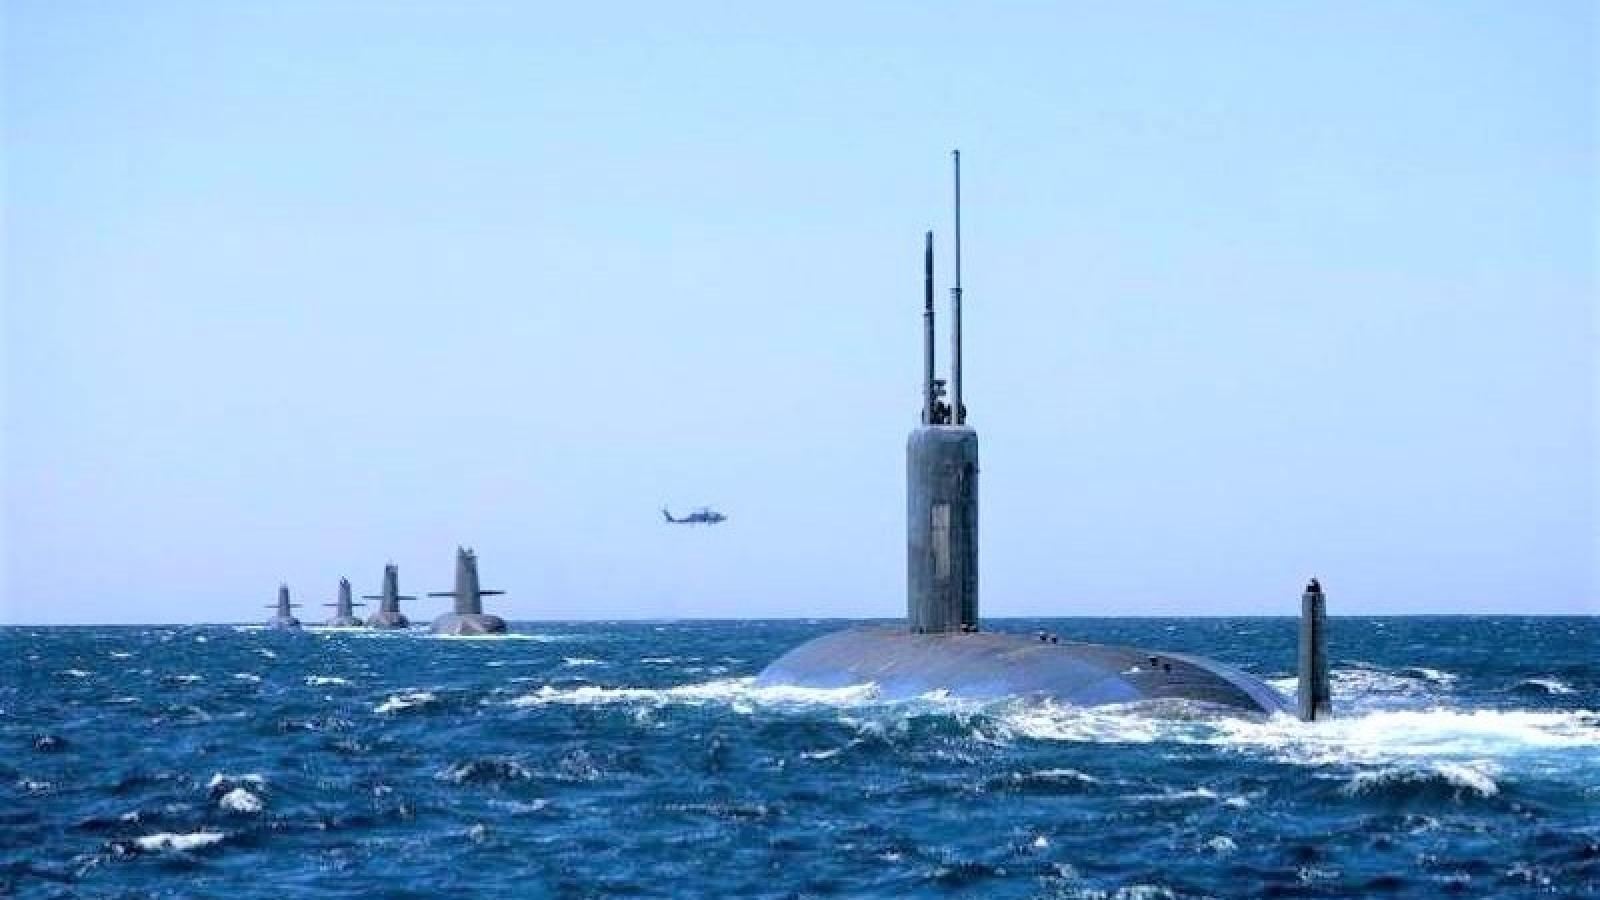 Lựa chọn tàu ngầm hạt nhân chia rẽ nội bộ Australia